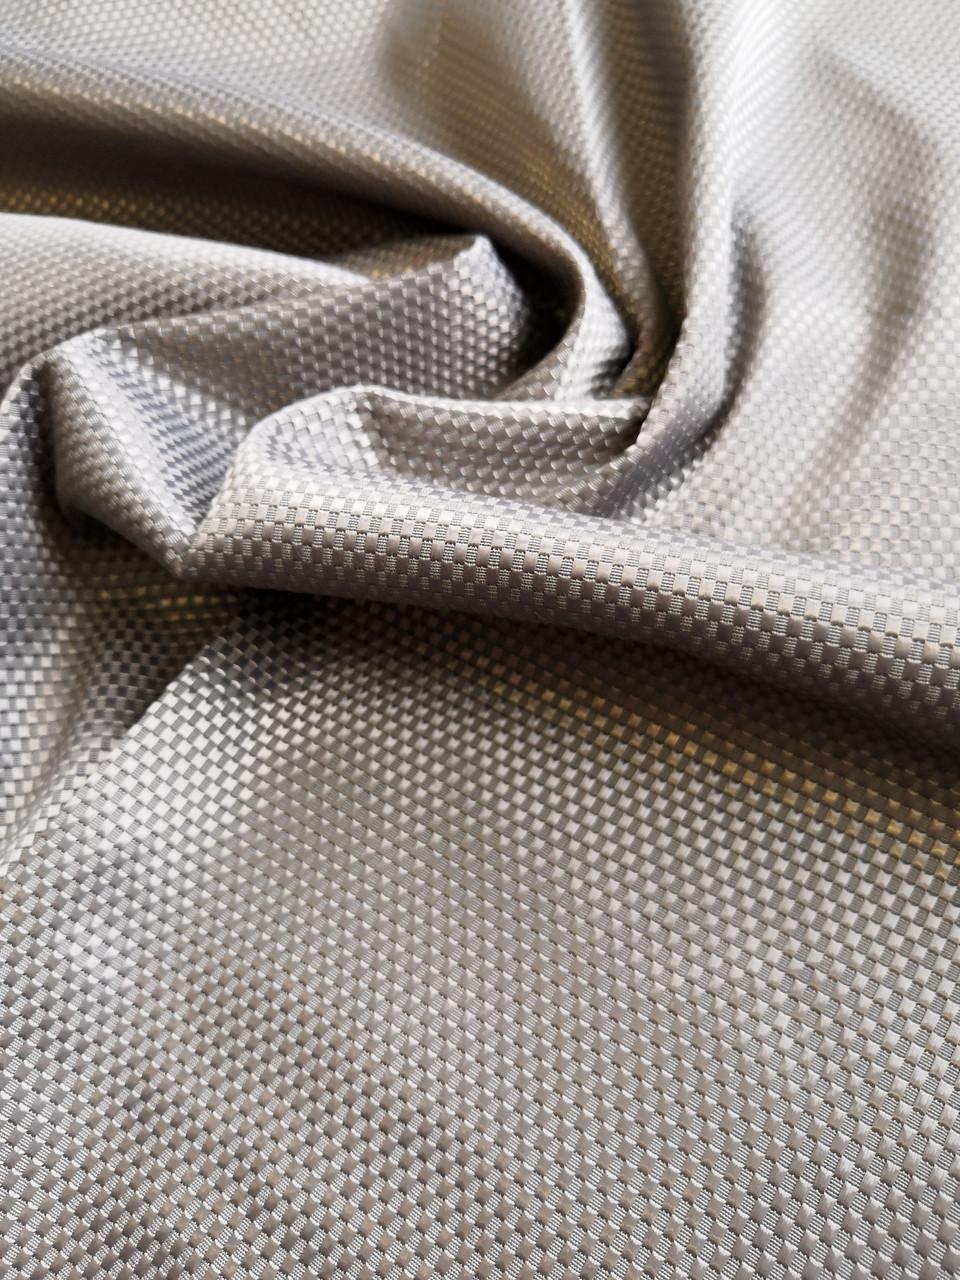 Ткань костюмная мерный лоскут на хлопковой основе 7 шт 74см*20 см, 1шт 44см*71